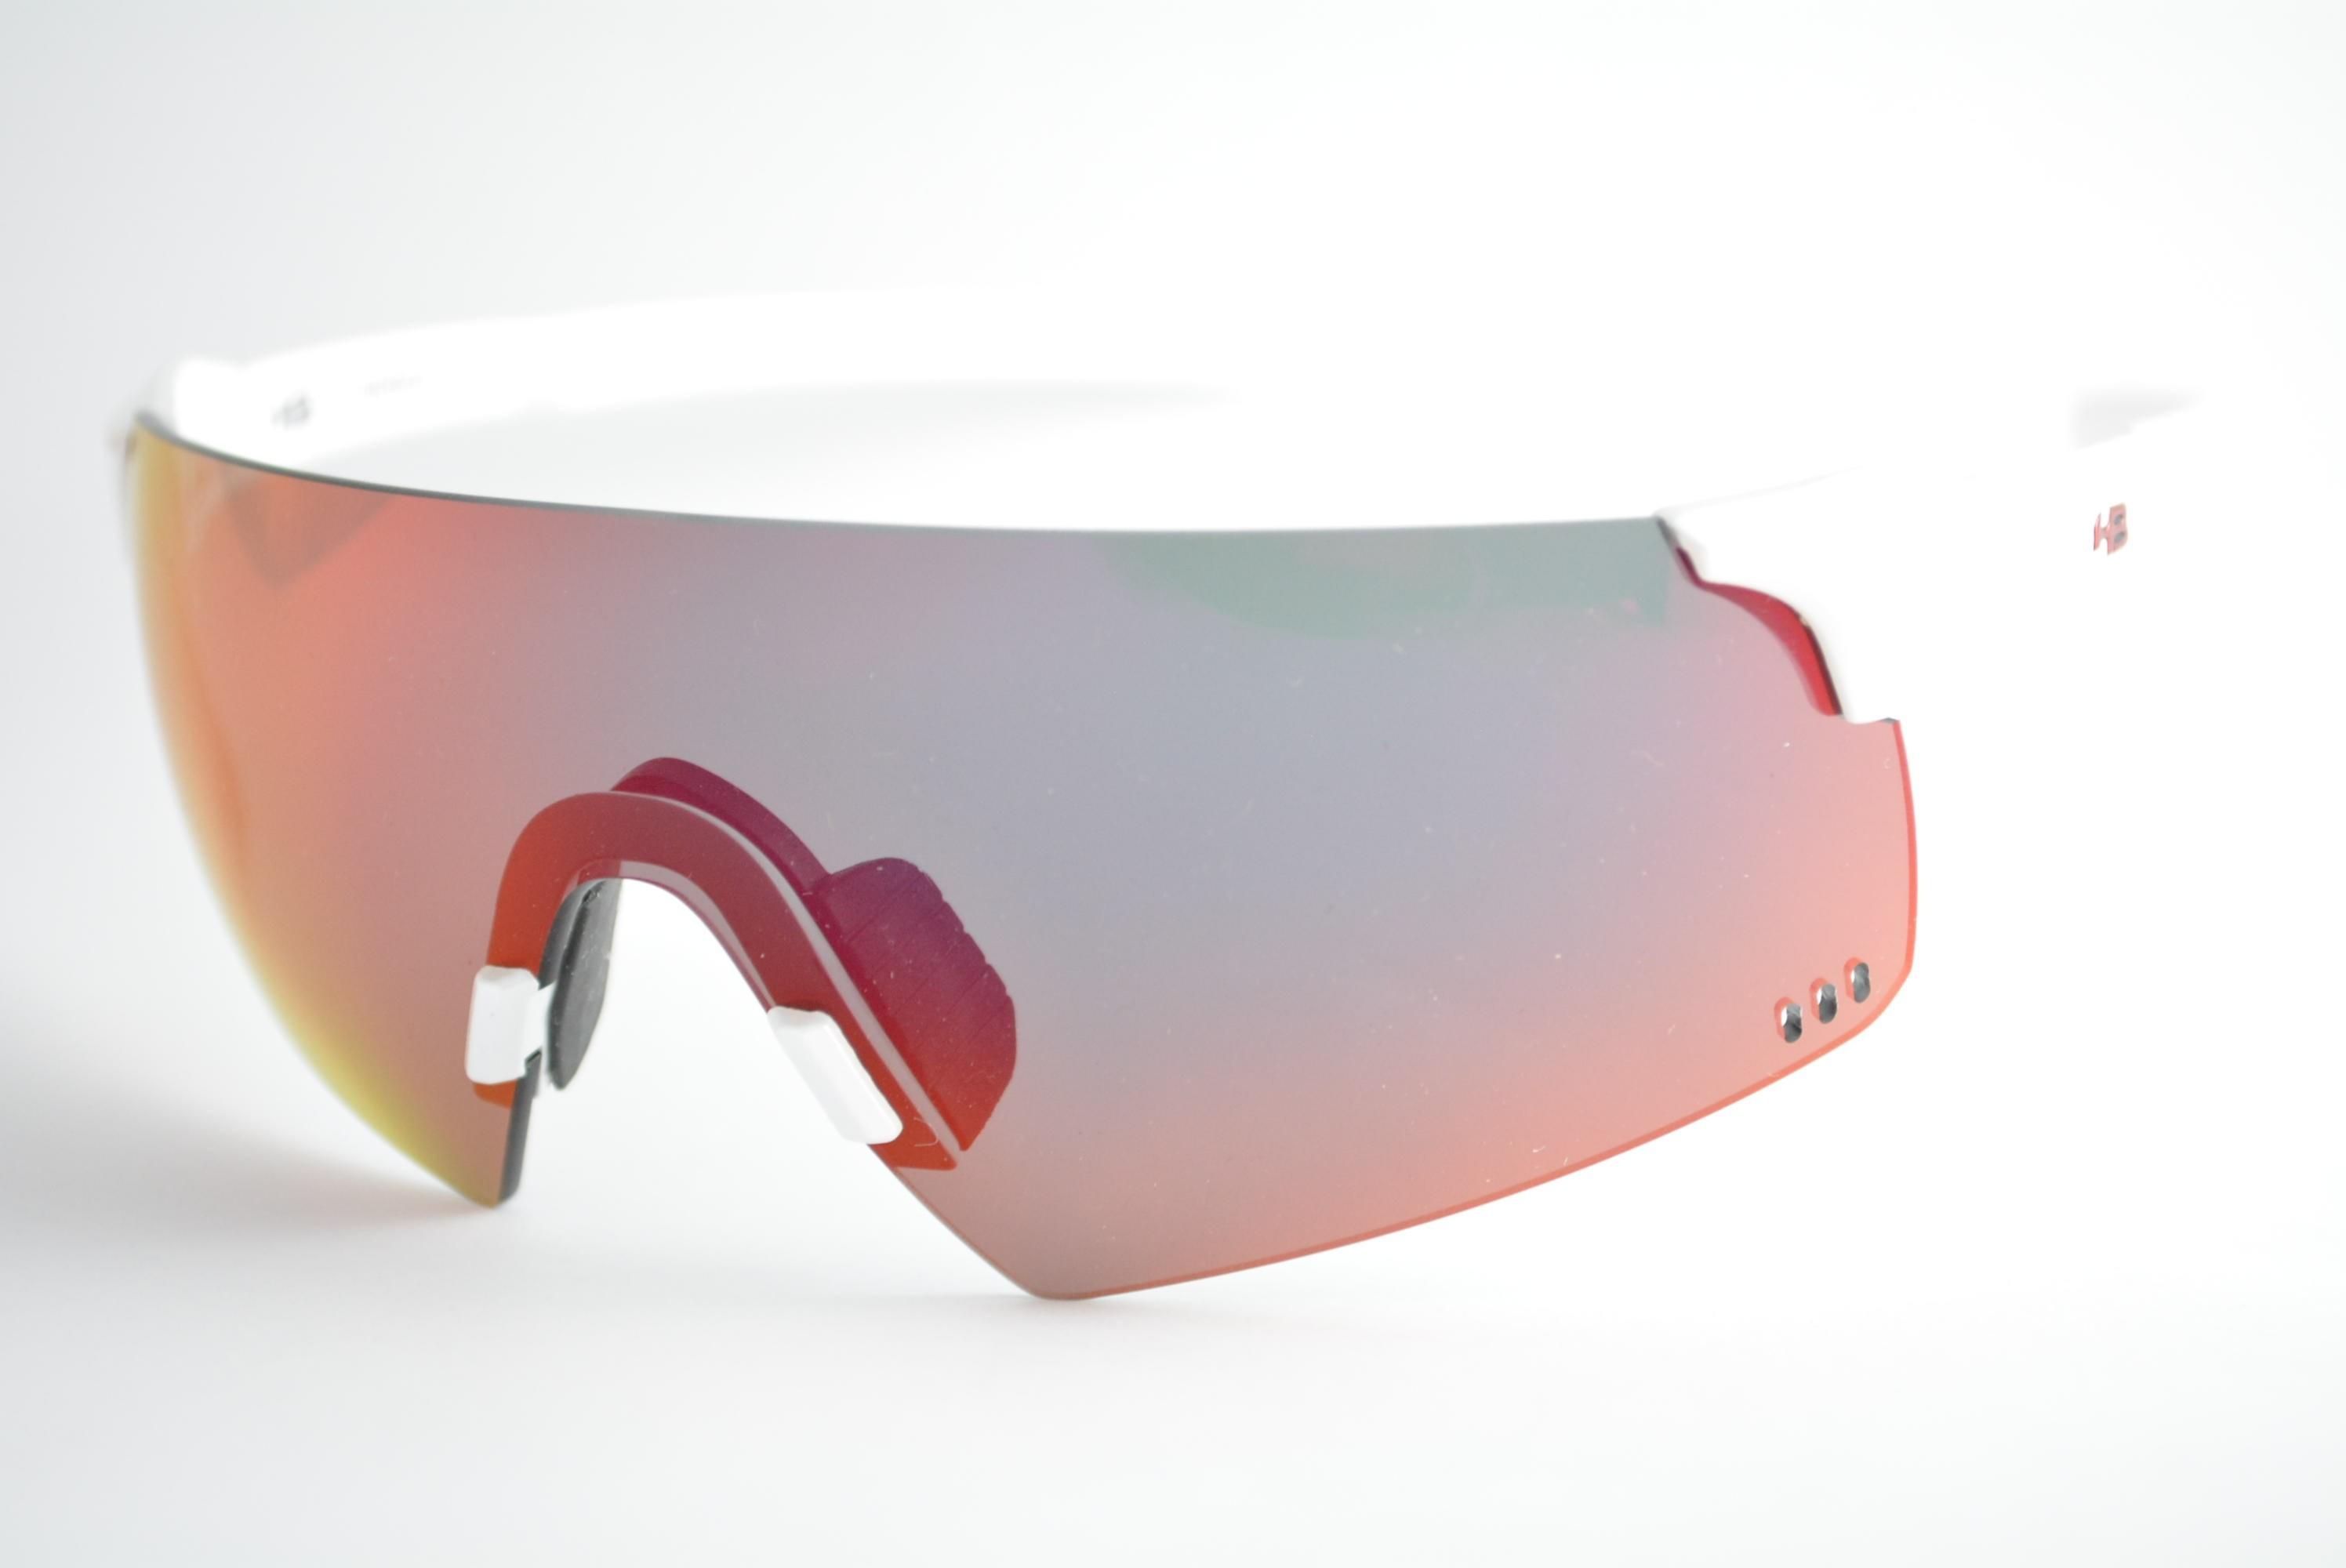 c267daf217403 óculos de sol HB mod Quad R 90172981 Ótica Cardoso